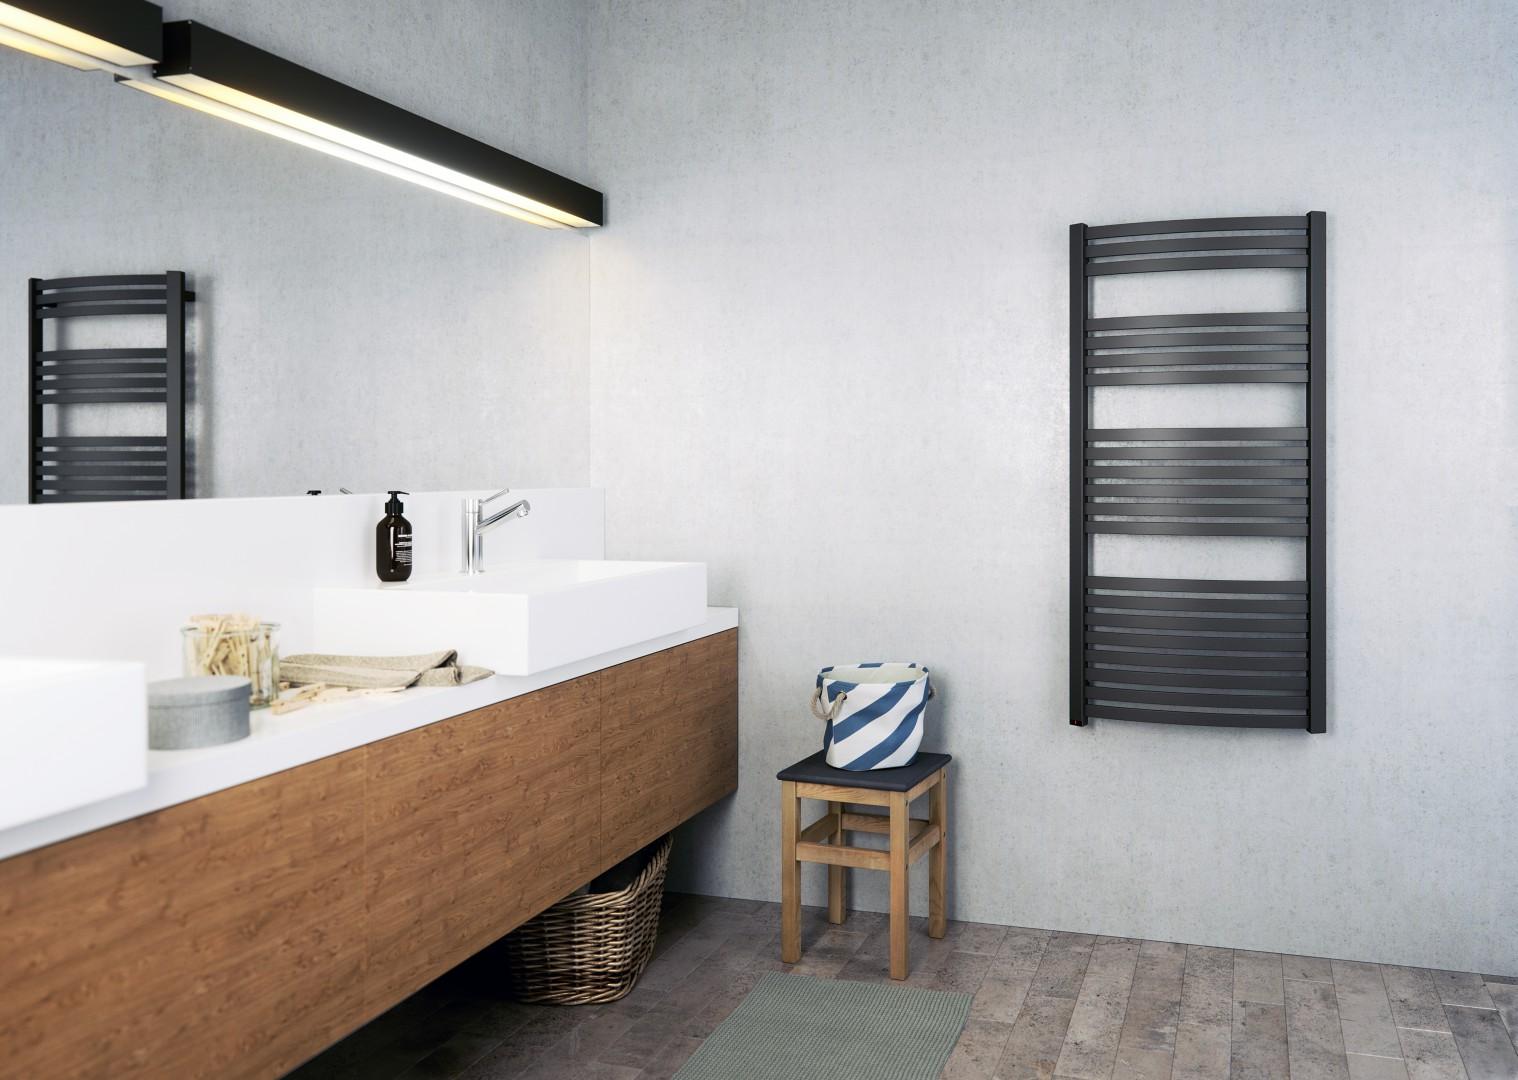 TERMA DEXTER, 1220x600, Χρώμα: METALLIC BLACK.